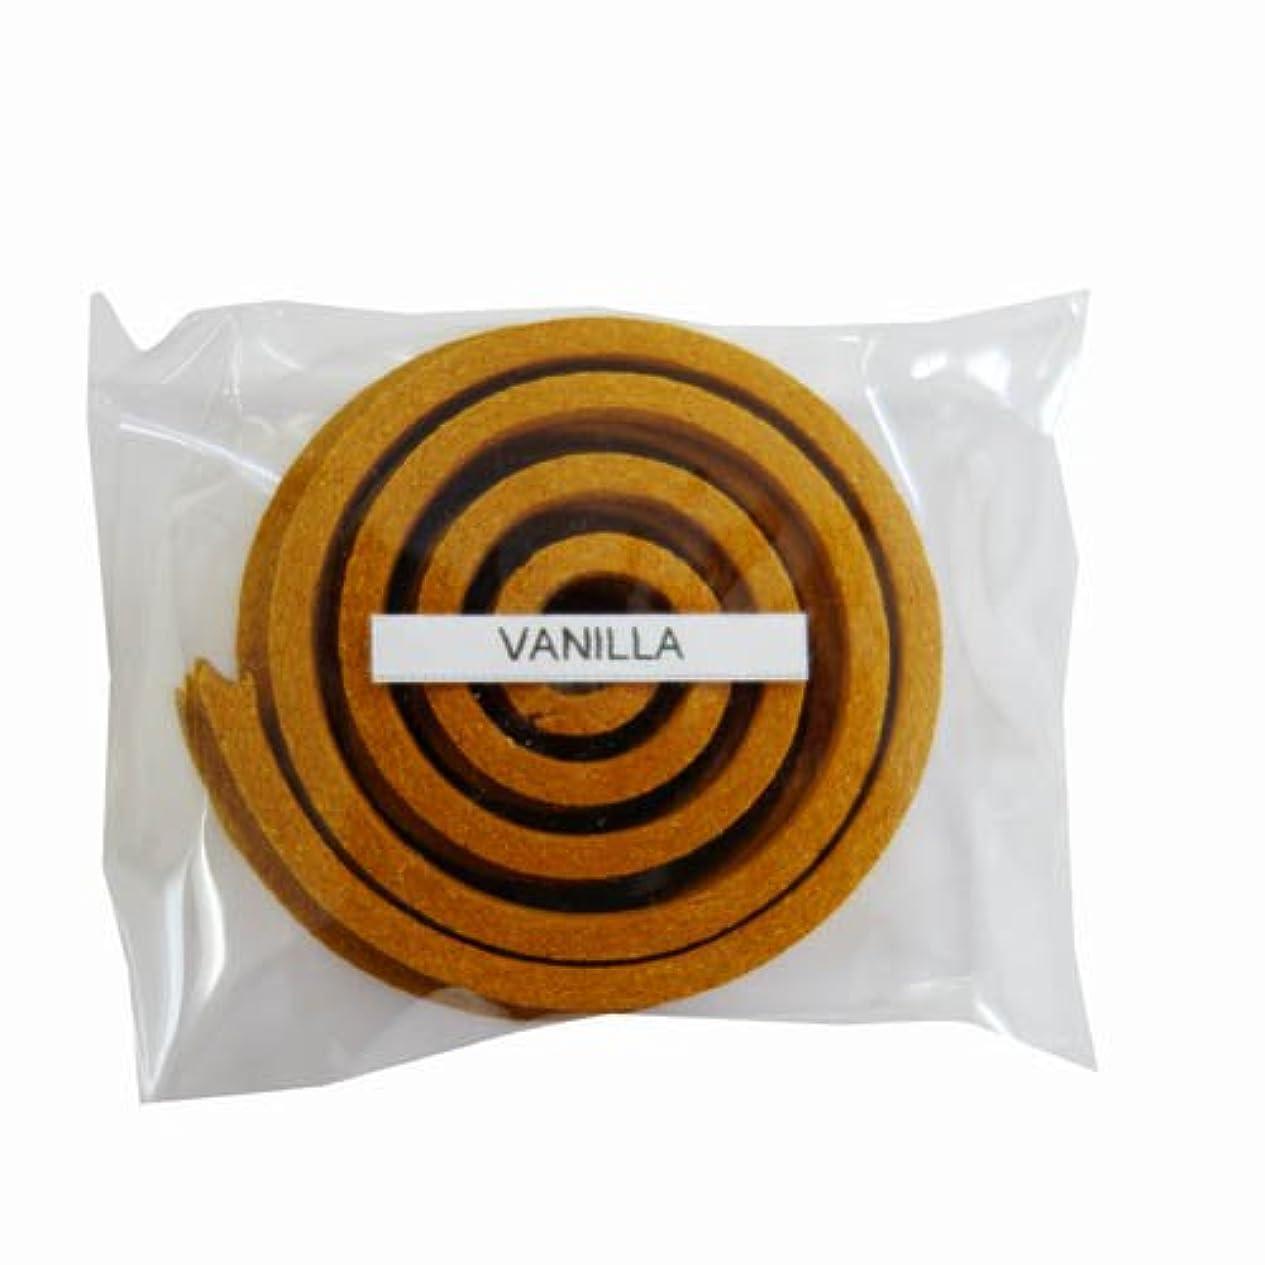 パラメータ発揮する同封するお香/うずまき香 VANILLA バニラ 直径5cm×5巻セット [並行輸入品]